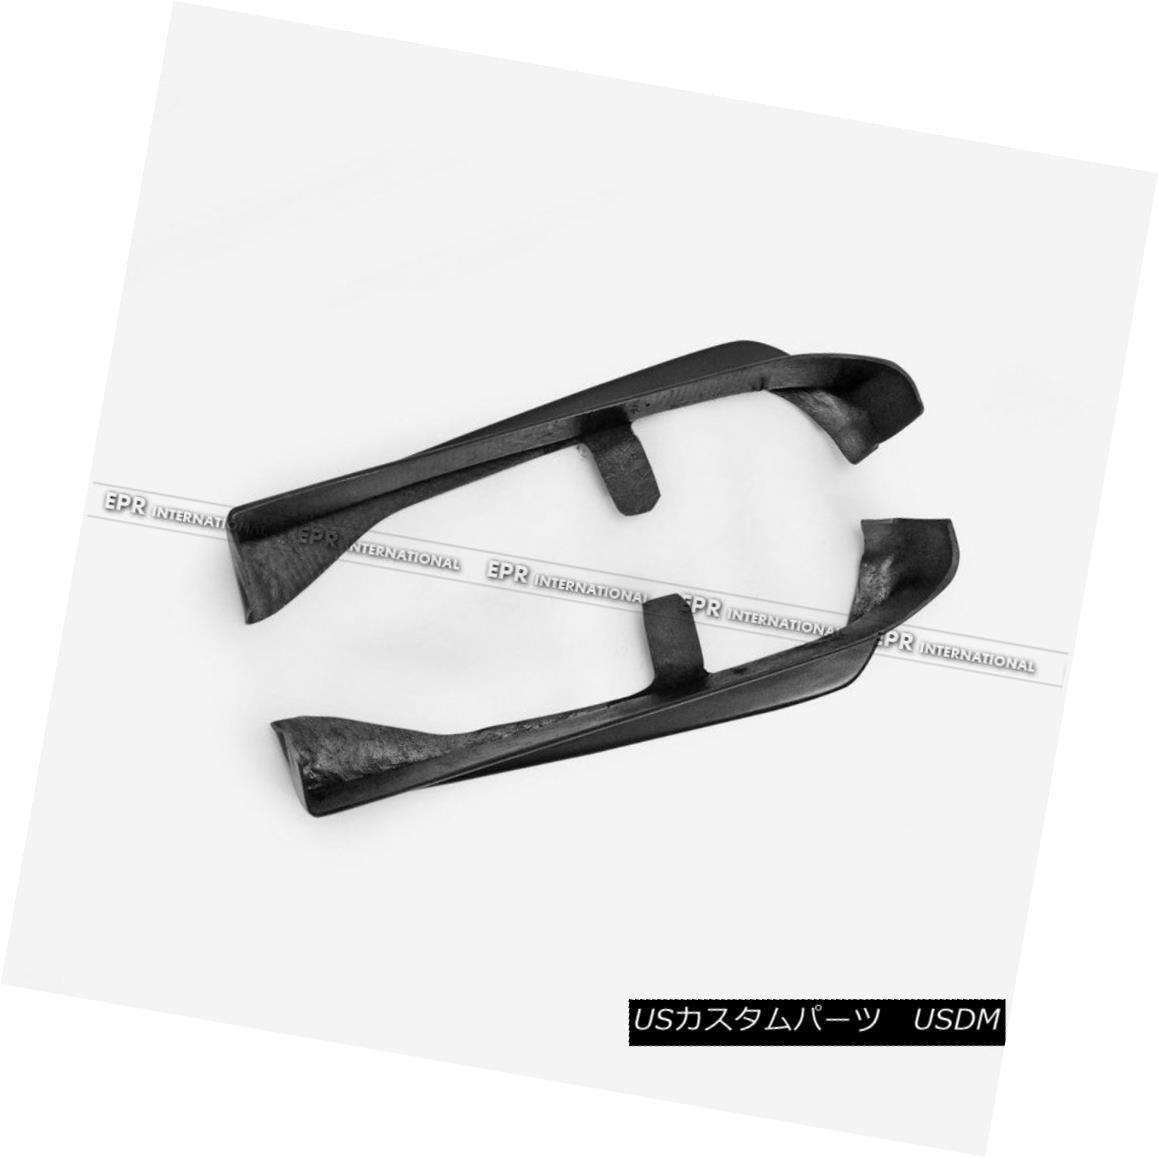 エアロパーツ AER 2Pcs OEM Rear Bumper Spat Add on For Subaru Impreza VAB VAF STI Fiber Glass AER 2Pcs OEMリアバンパースパット、スバルインプレッサVAB VAF STIファイバーグラスに追加